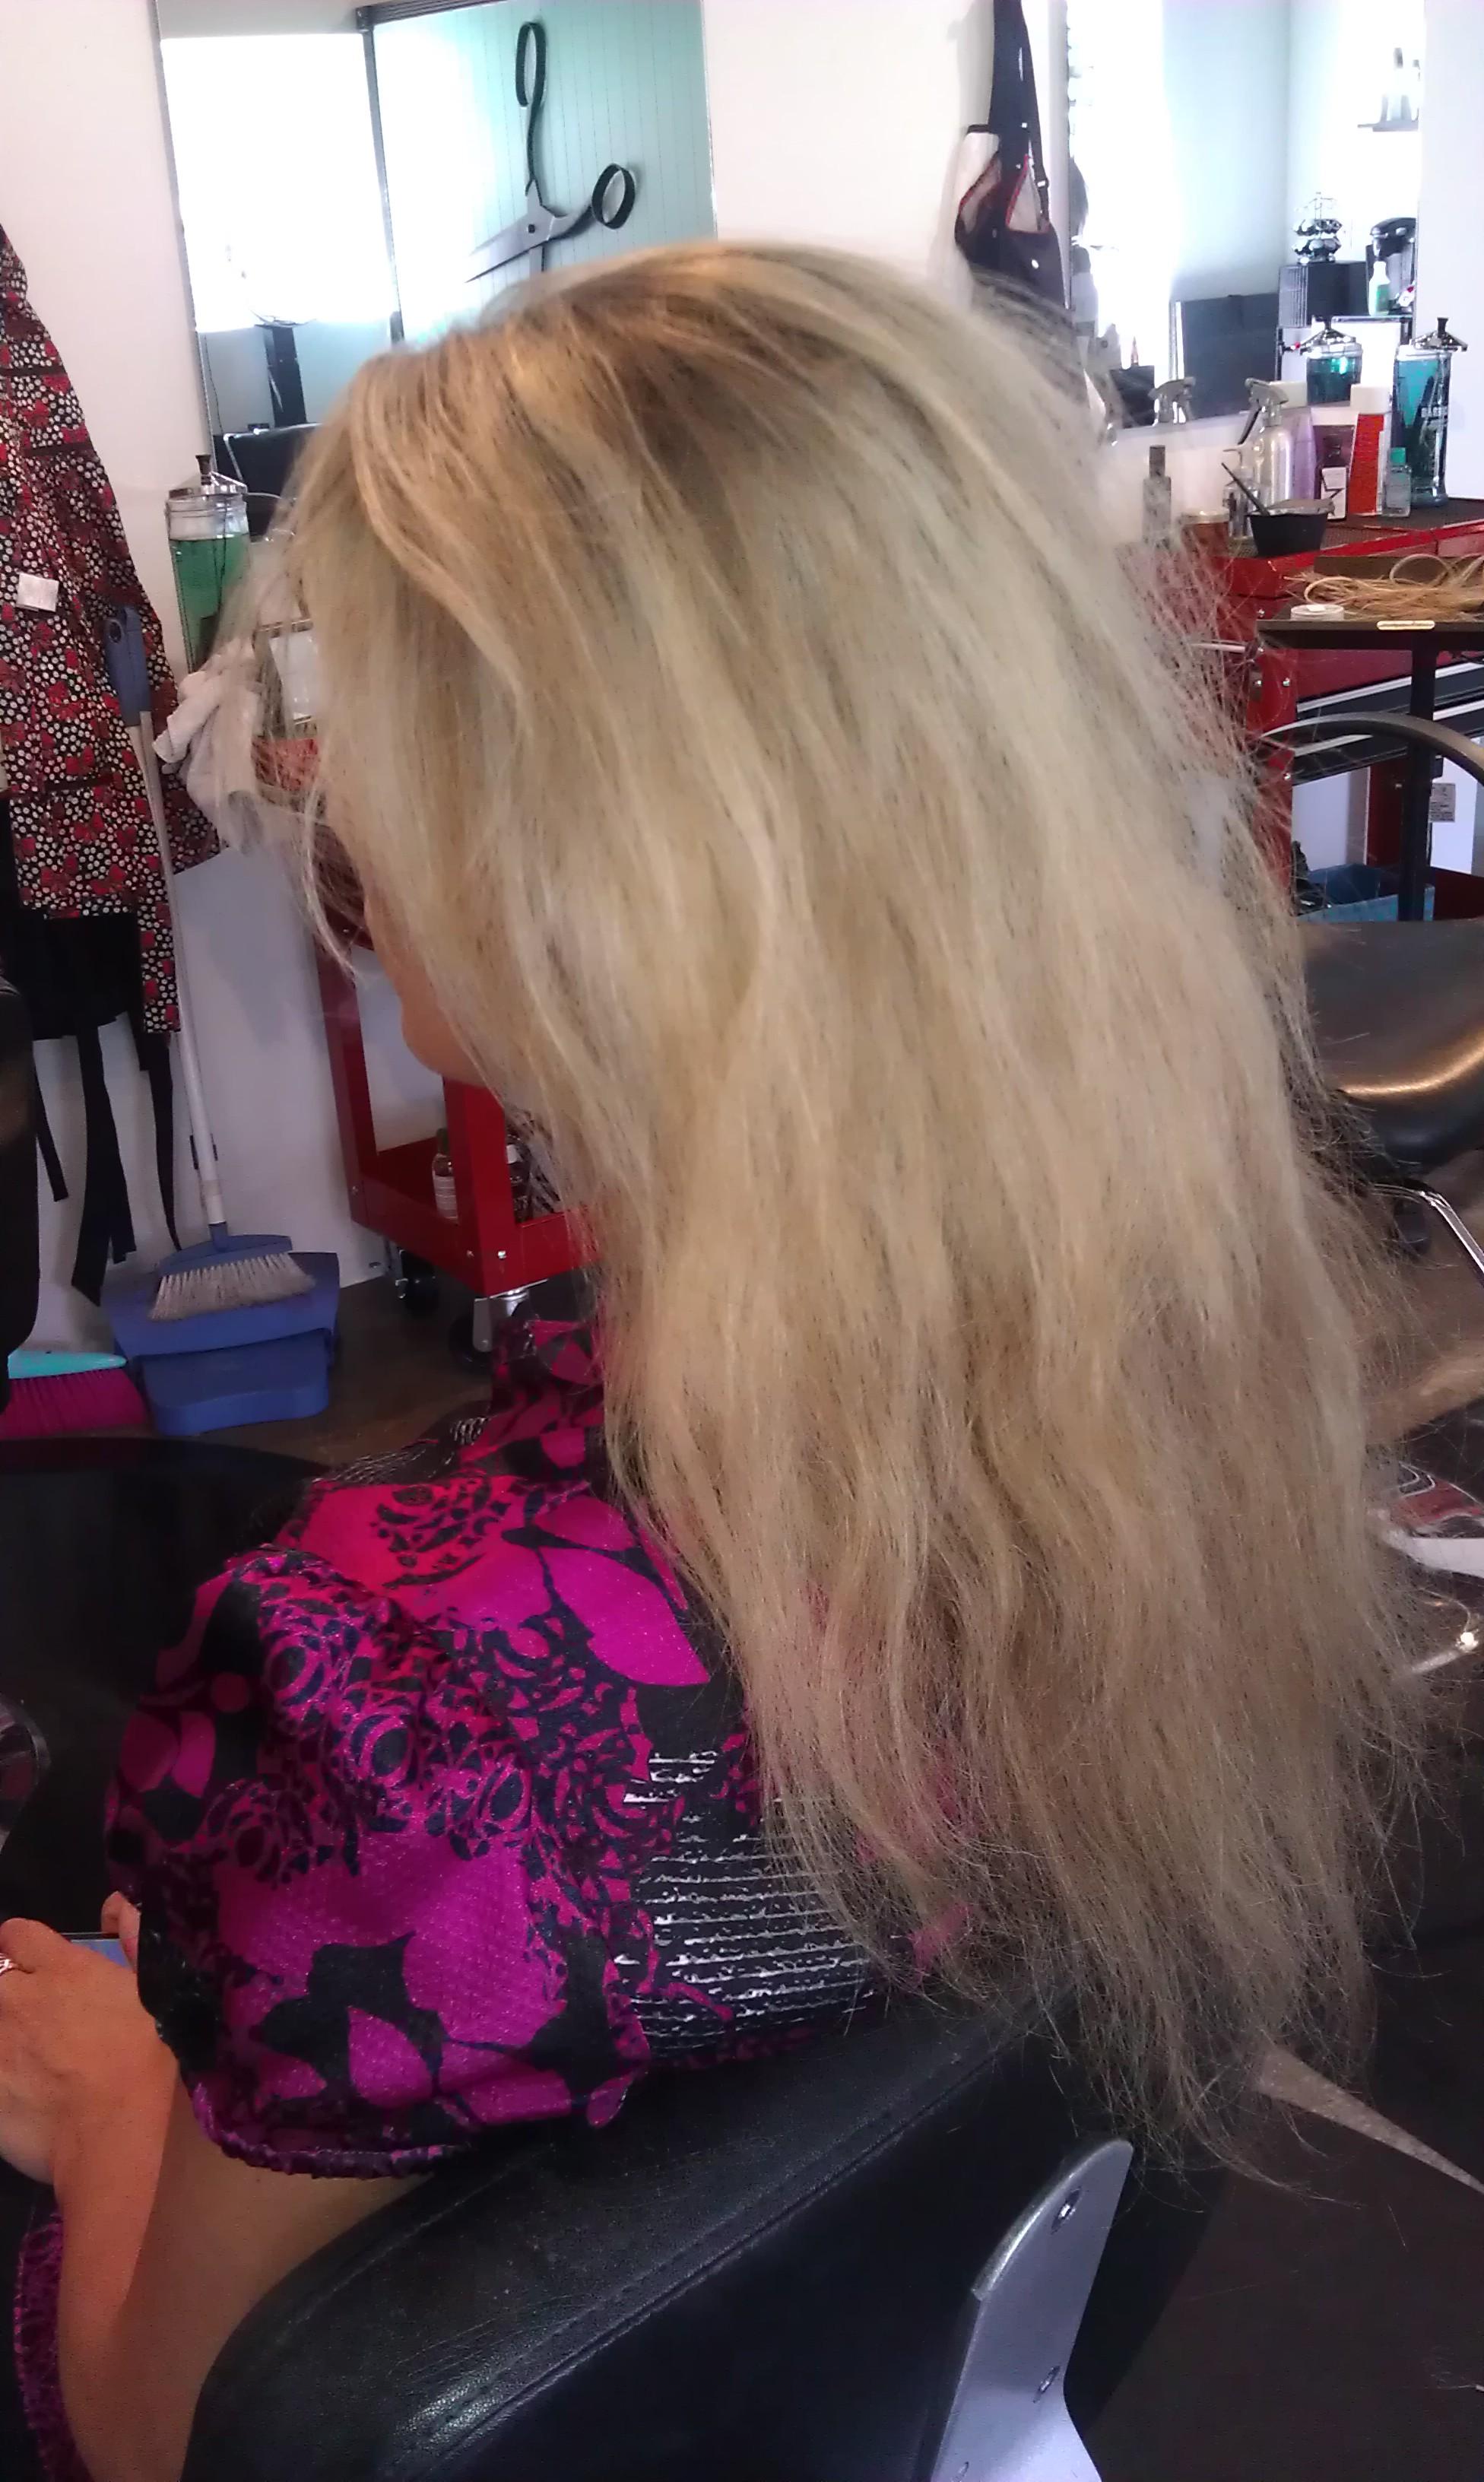 Demo Hair Salon